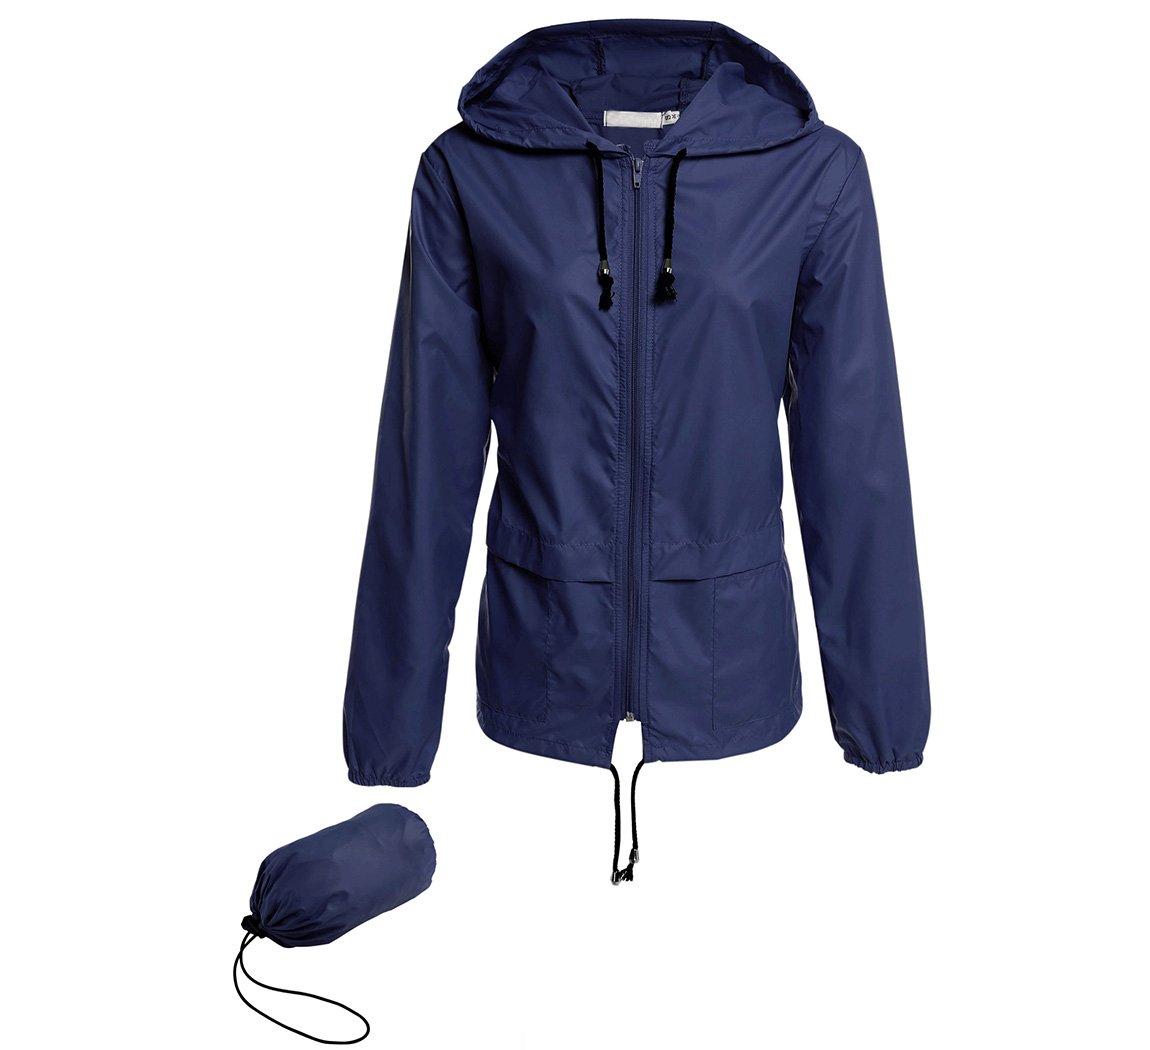 Hount Women's Lightweight Hooded Raincoat Waterproof Packable Active Outdoor Rain Jacket (XXXL, Navy Blue) by Hount